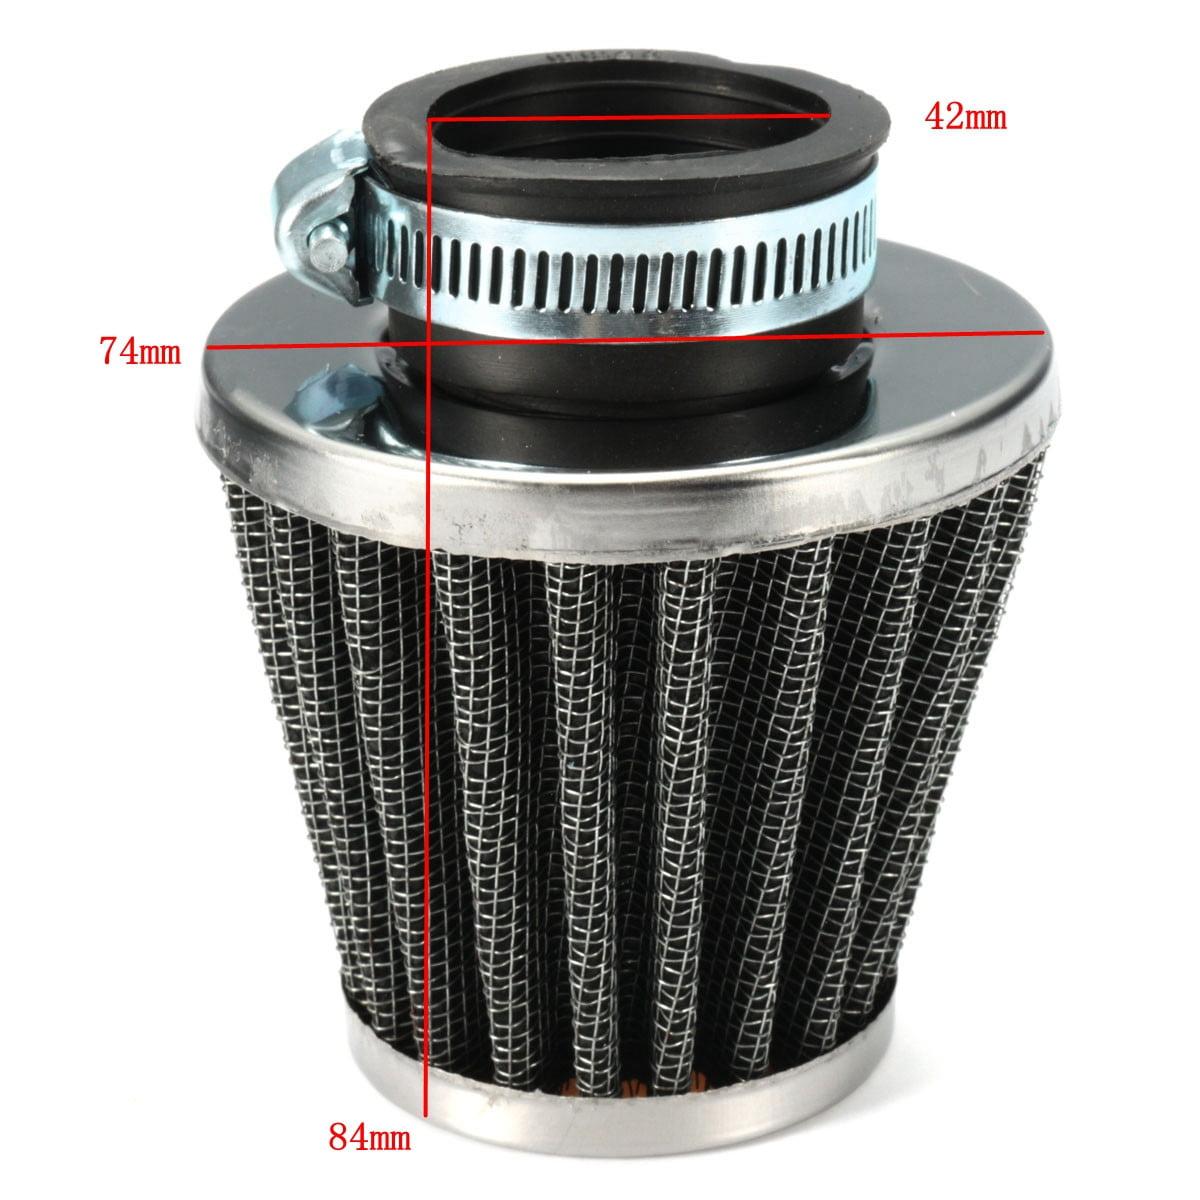 NNOGLOW Motorcycle Air Filter 39mm Universal Motorcycle Air Pod Filter for Honda Kawasaki Suzuki Yamaha